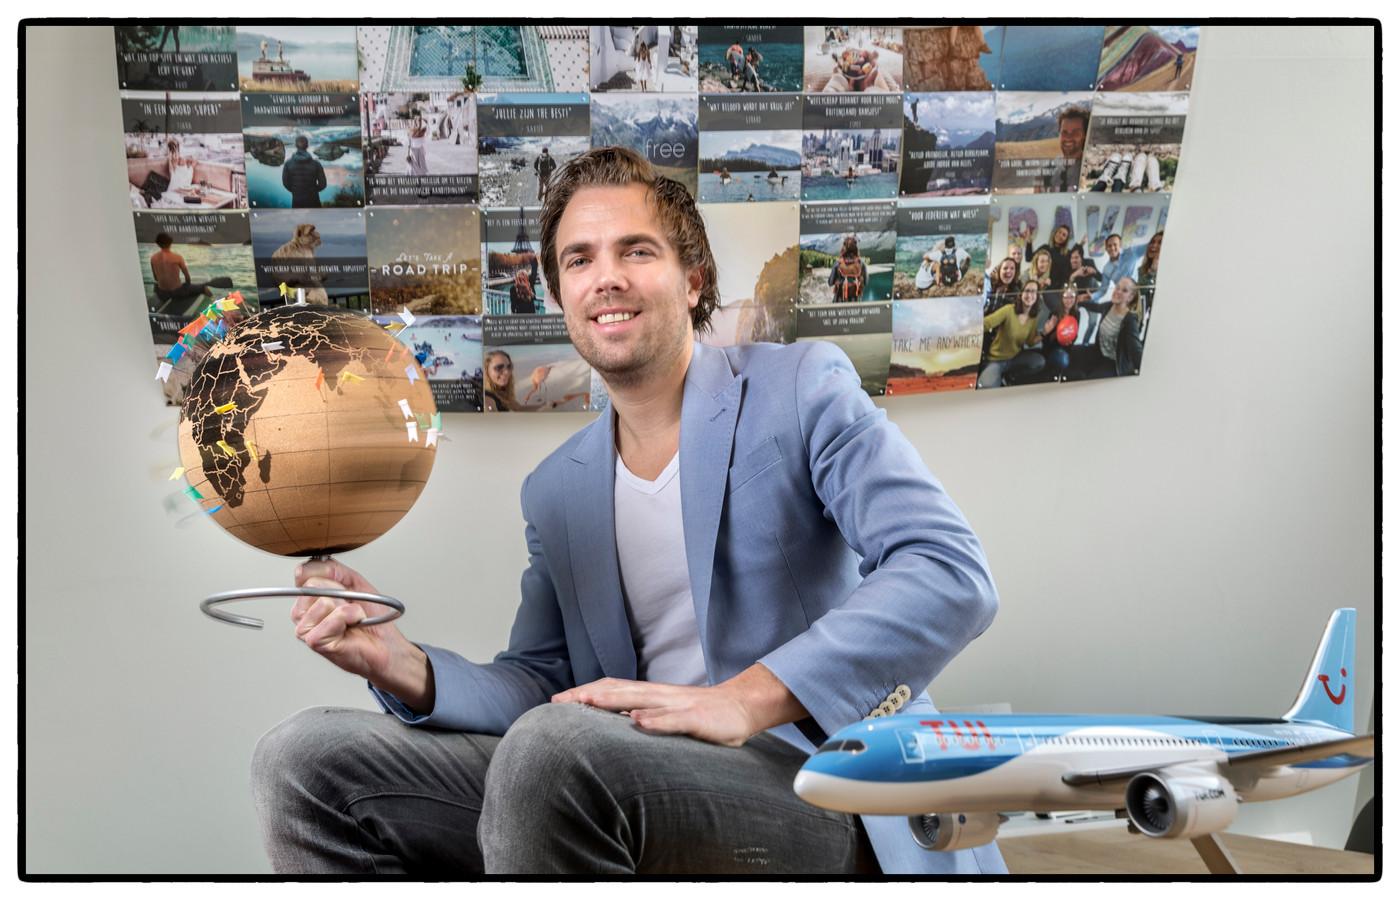 Zoek je een goede deal? Stel een prijsalert in, adviseert Eelco van Drongelen, medeoprichter van weflycheap.nl.